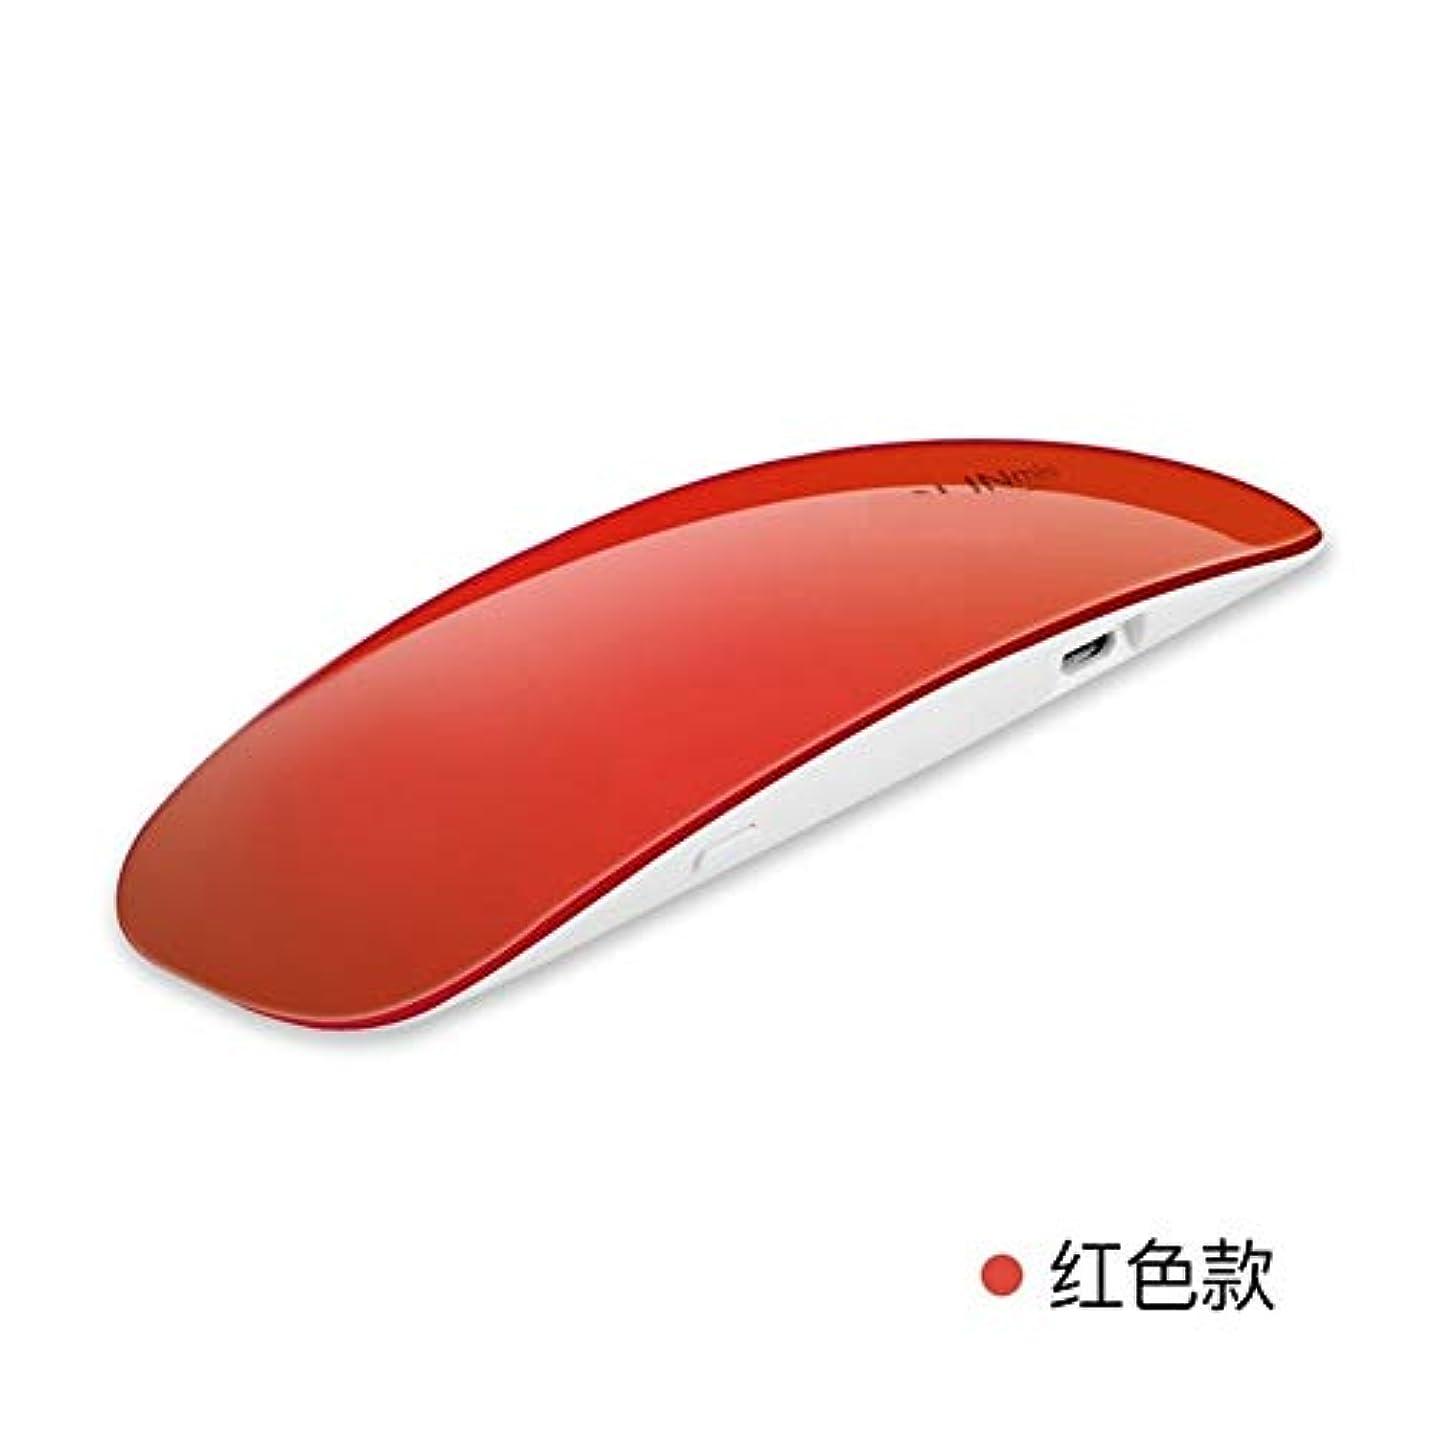 背景ピアノを弾く食器棚LittleCat ネイルマウスランプライト光線療法マシンミニUSBベーキング日ランプLEDライトセラピーランプ乾燥 (色 : 赤)